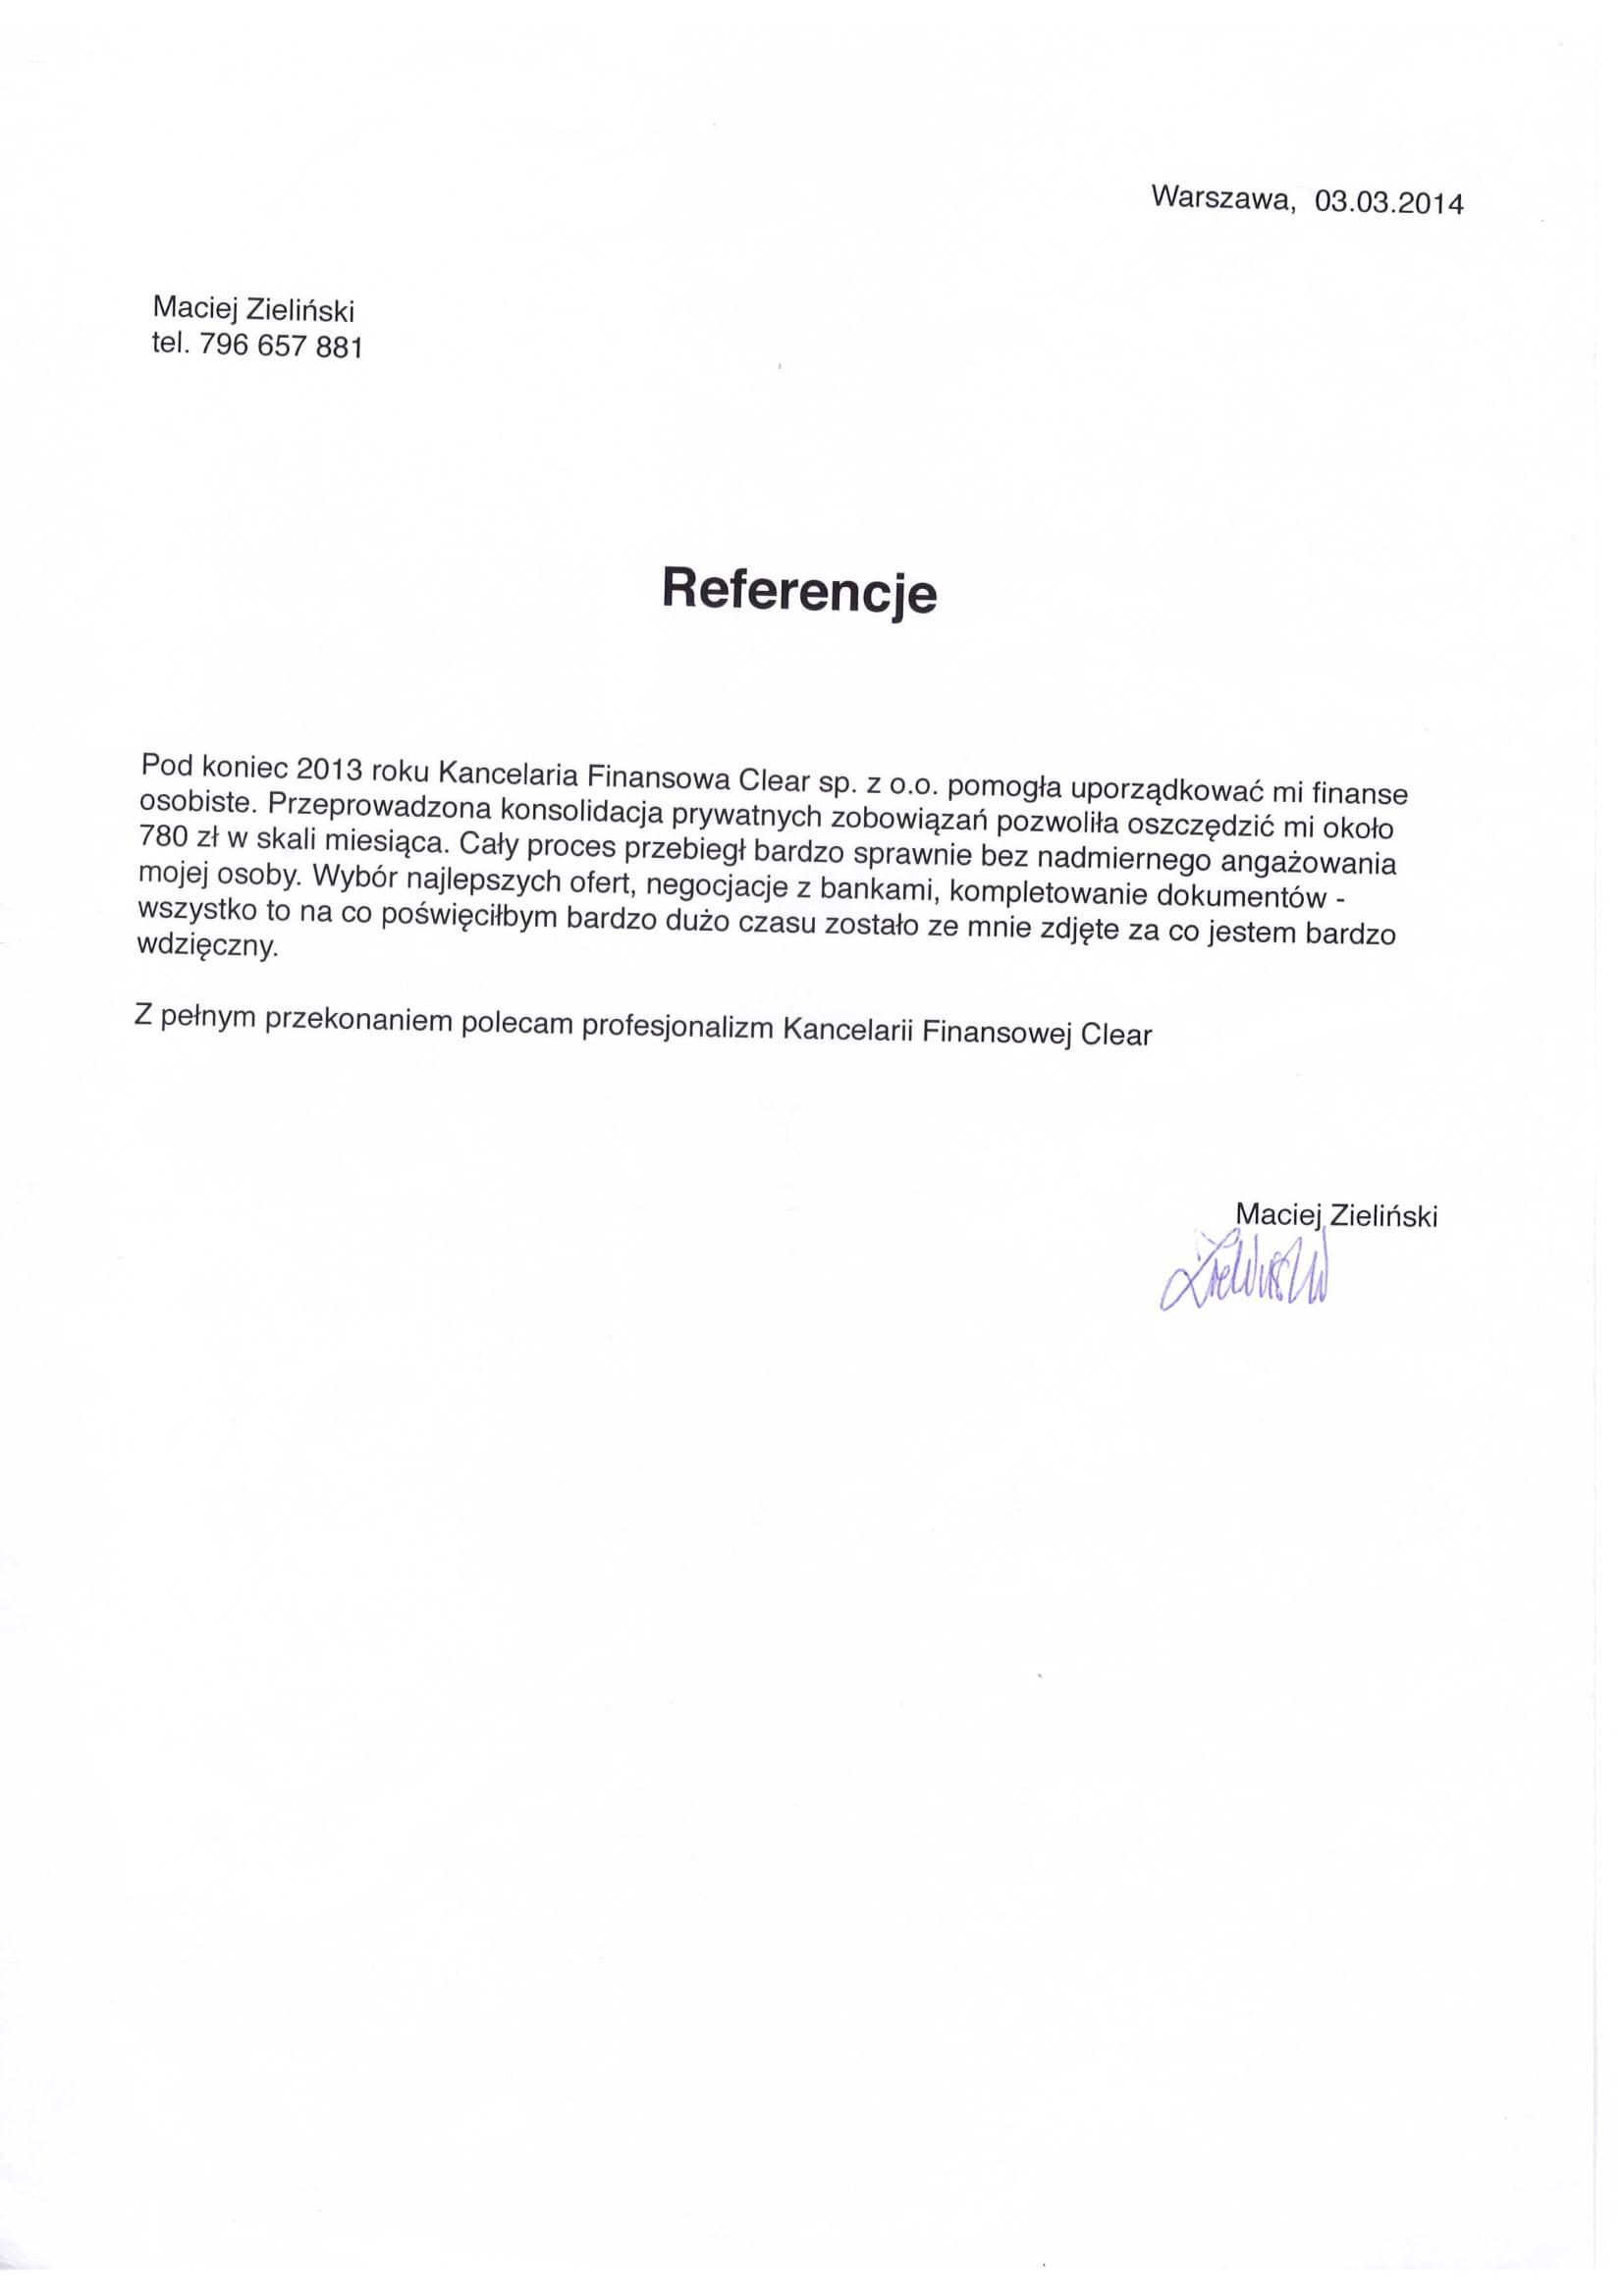 Referencje dla kancelari clear warszawa Maciej Zieliński-1